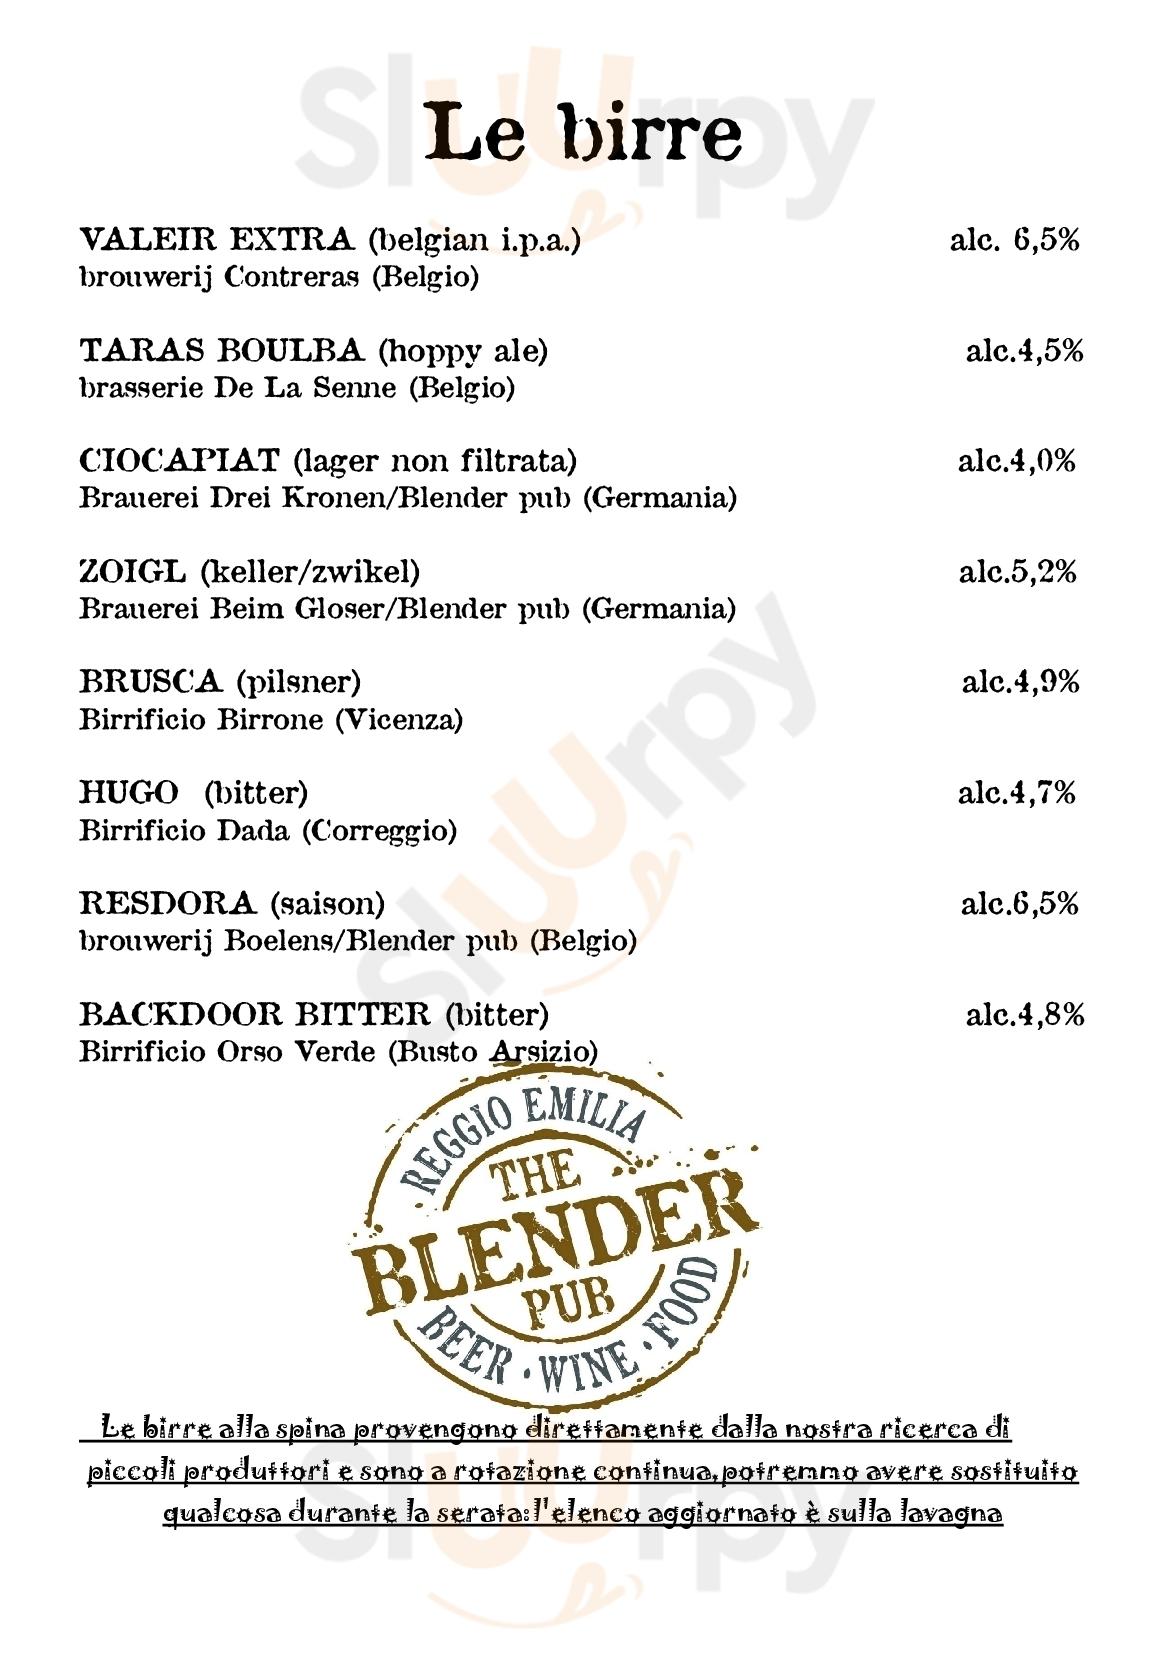 The Blender Pub Reggio Emilia menù 1 pagina